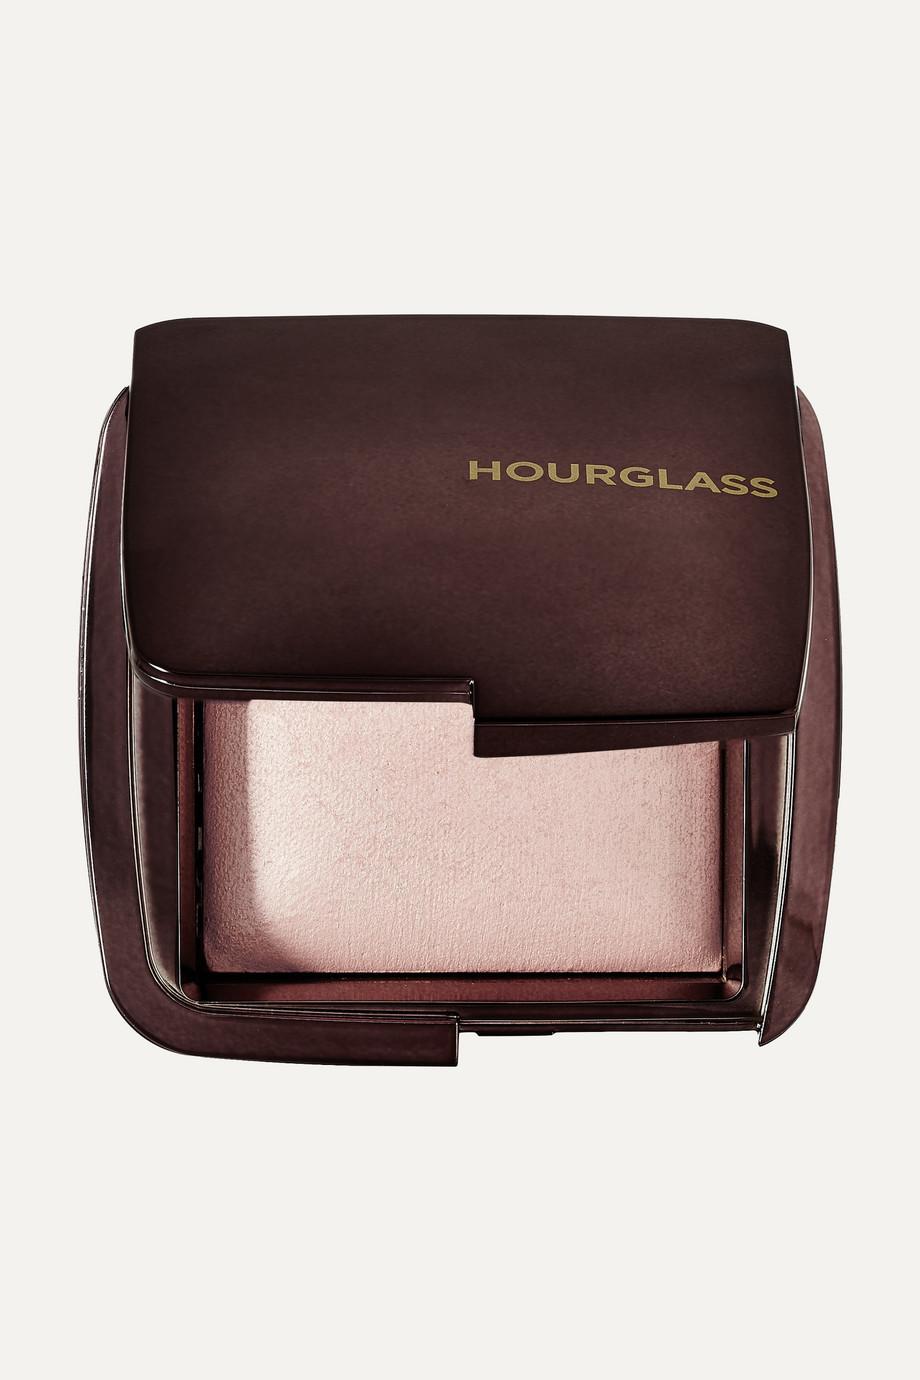 Hourglass Ambient Lighting Powder - Luminous Light